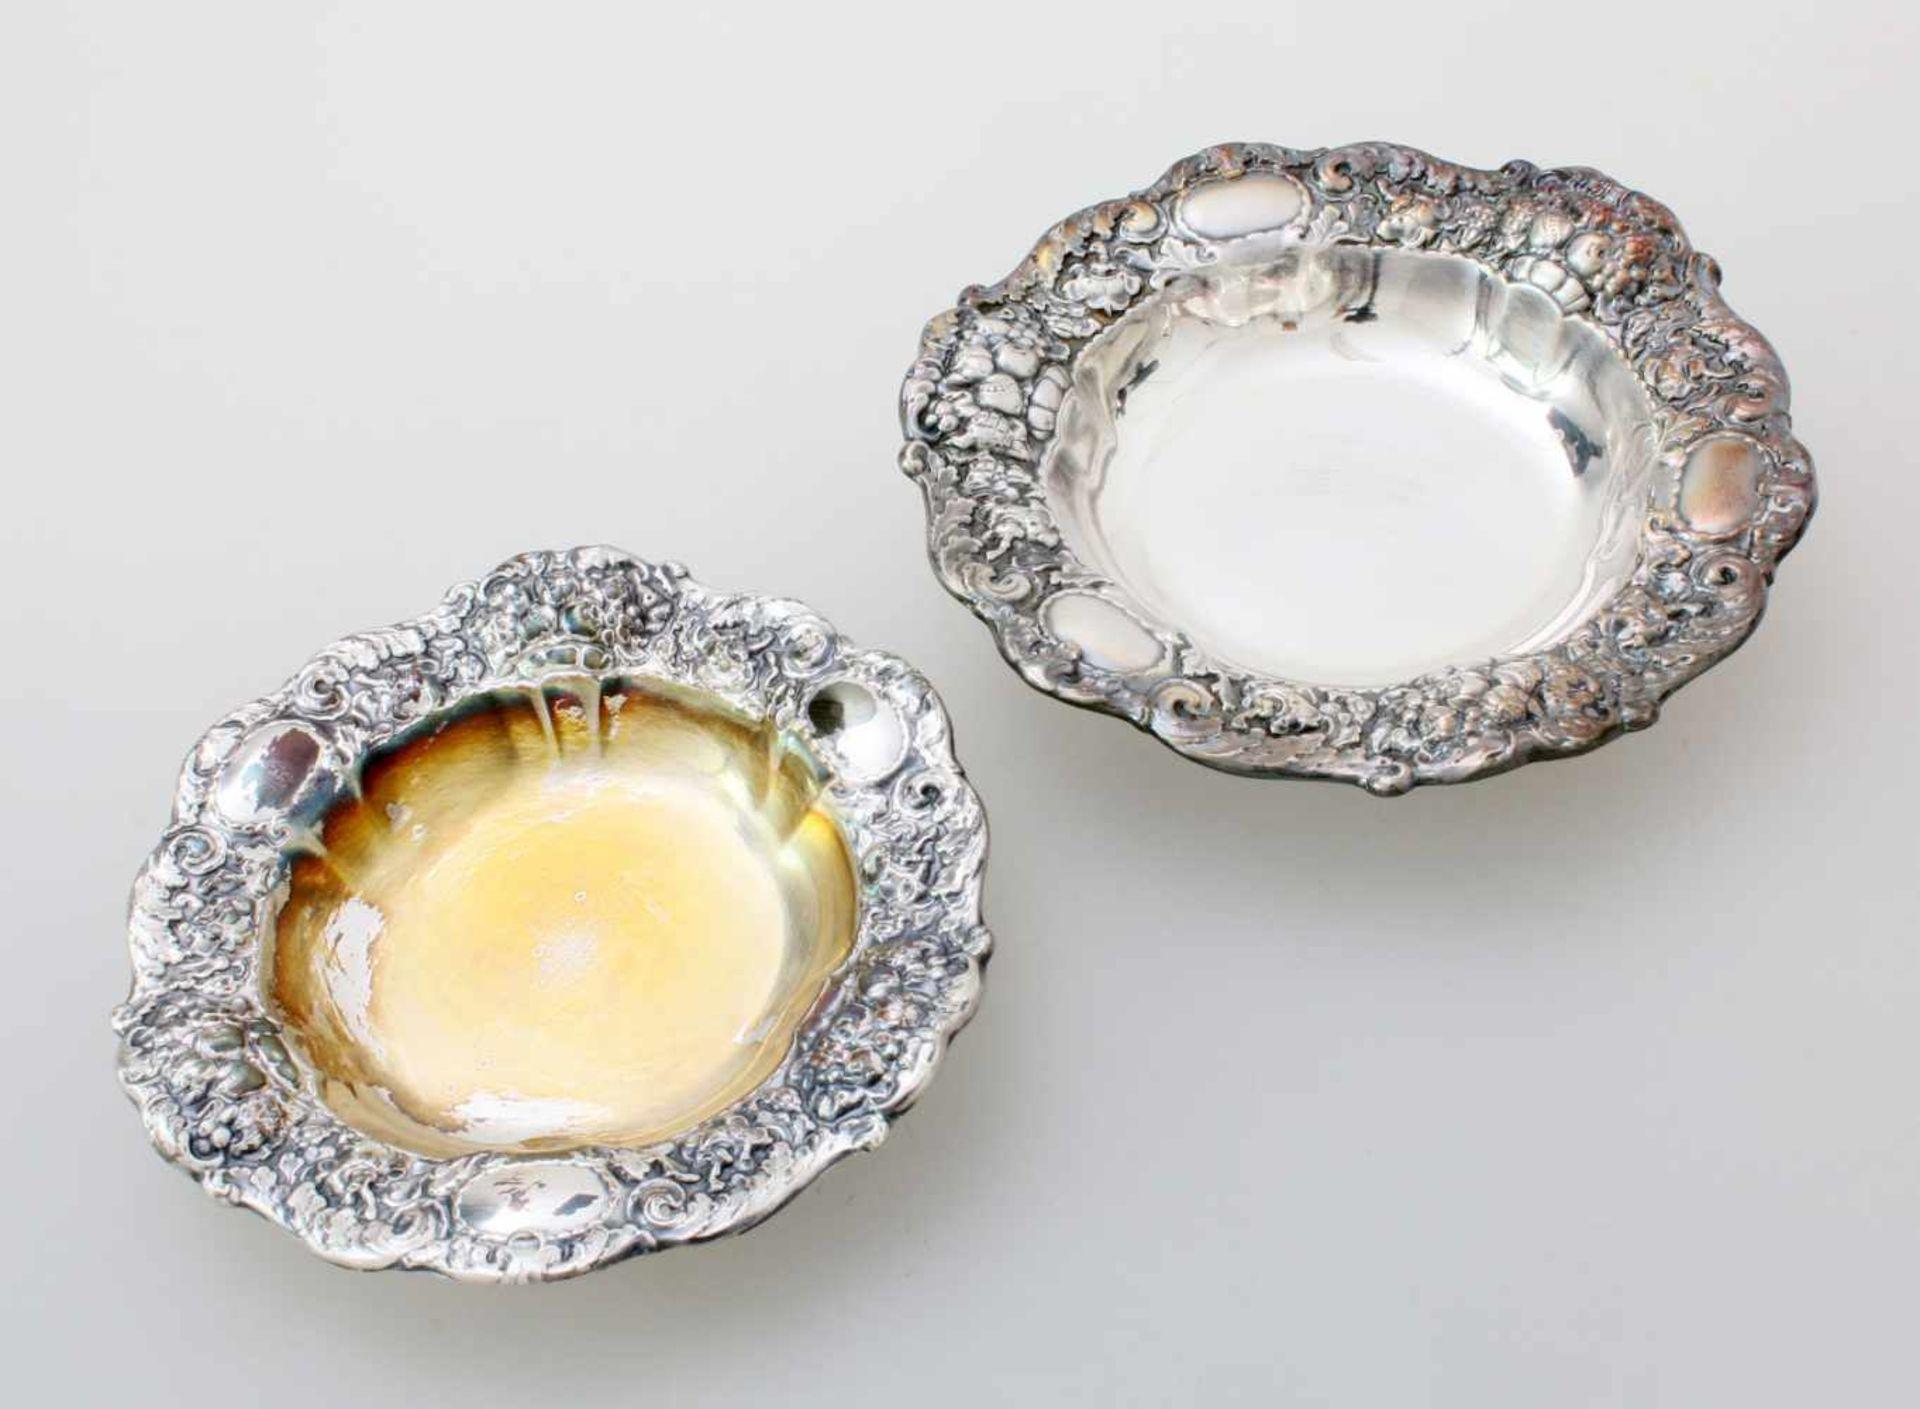 2 silberne Schälchen925er Silber, geschwungener und gedrückter Rand mit Jugendstilzier, Ø 12 und